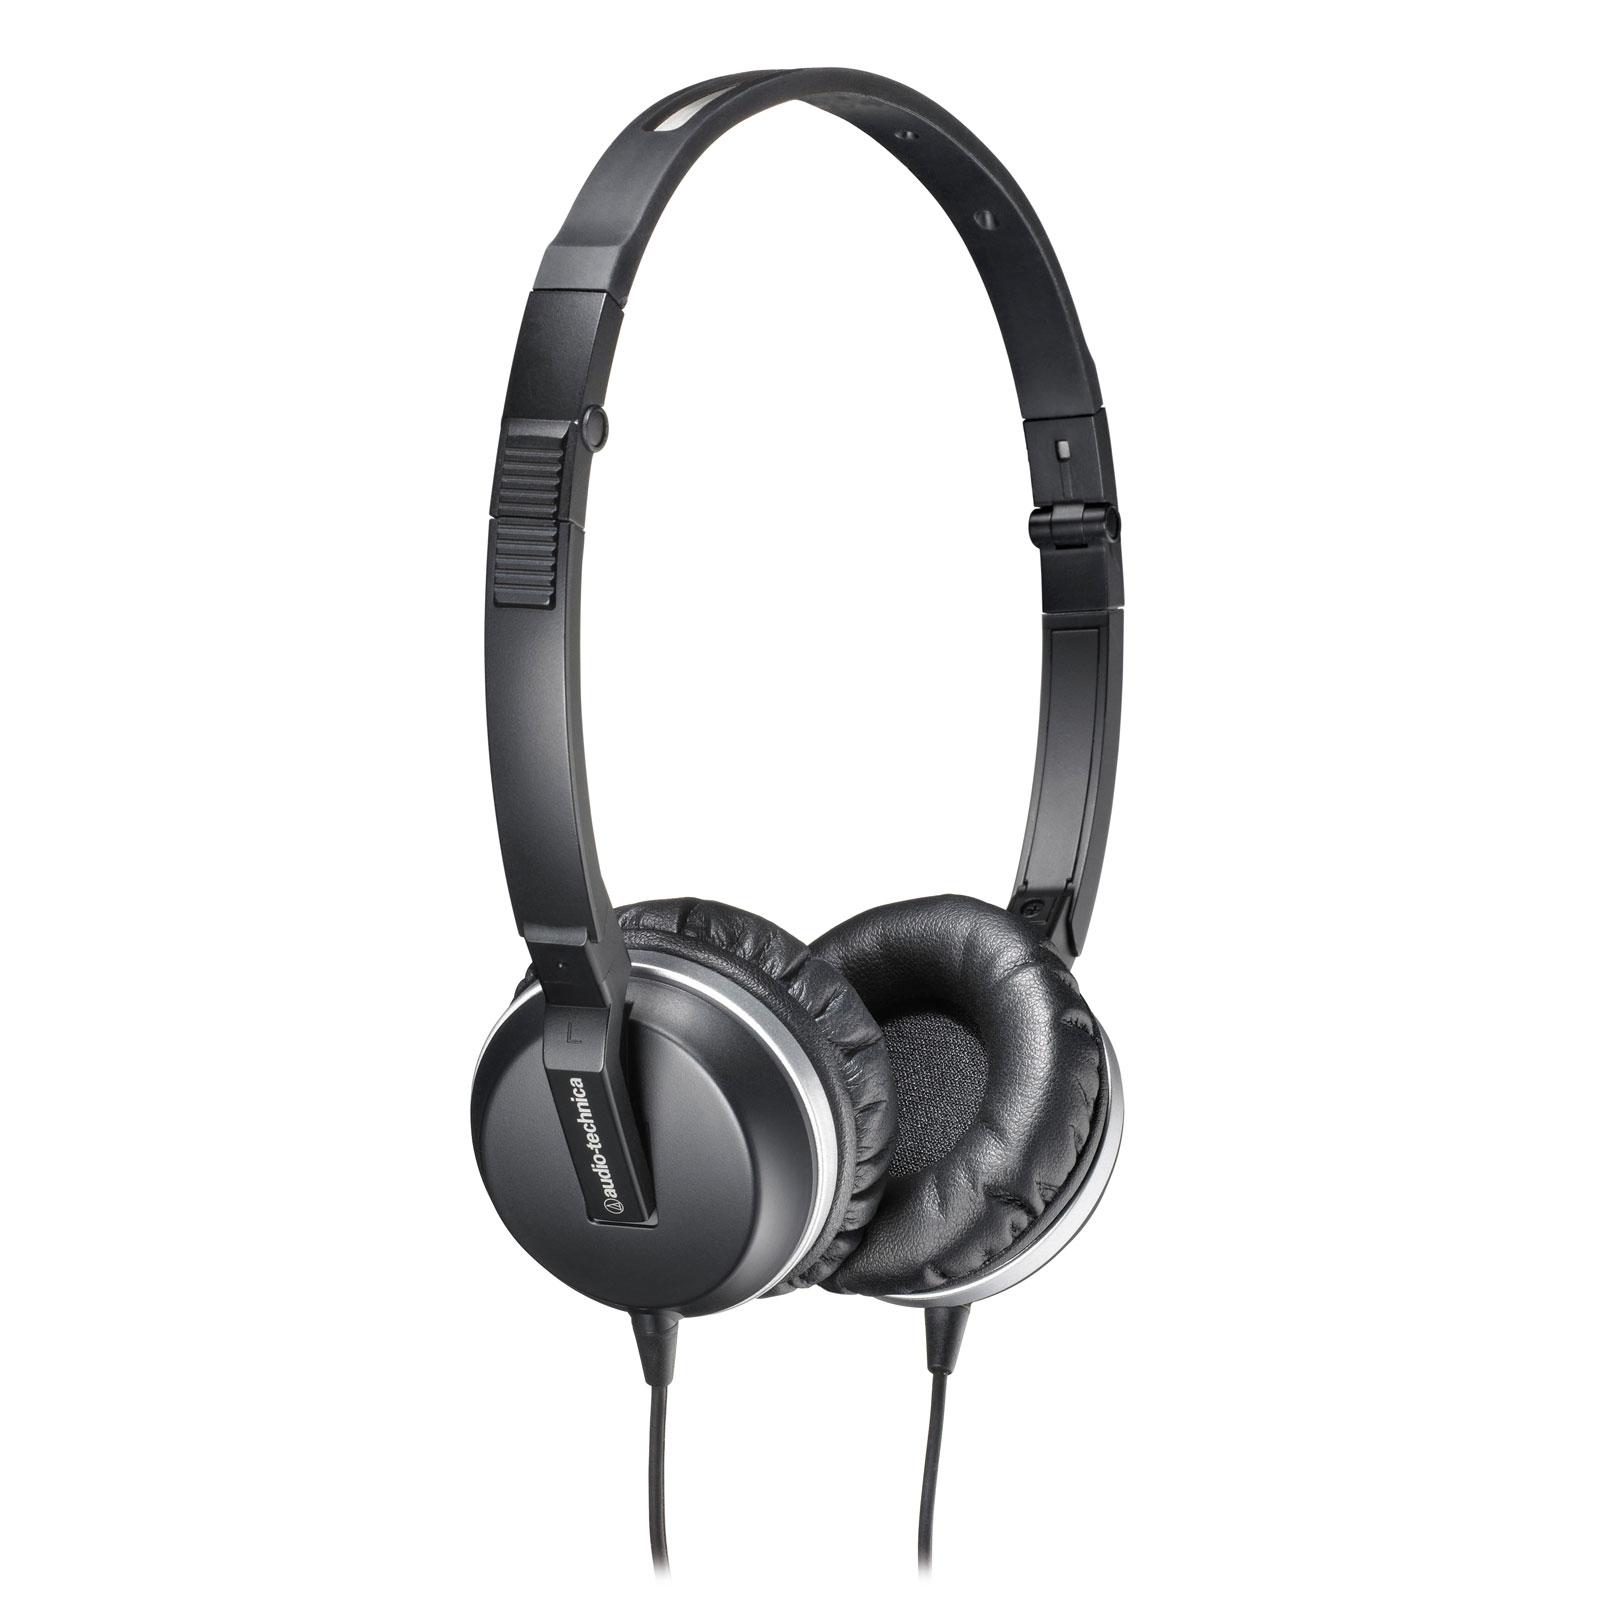 Casque Audio-Technica ATH-ANC1 Casque supra-auriculaire fermé à réduction de bruit active pliable